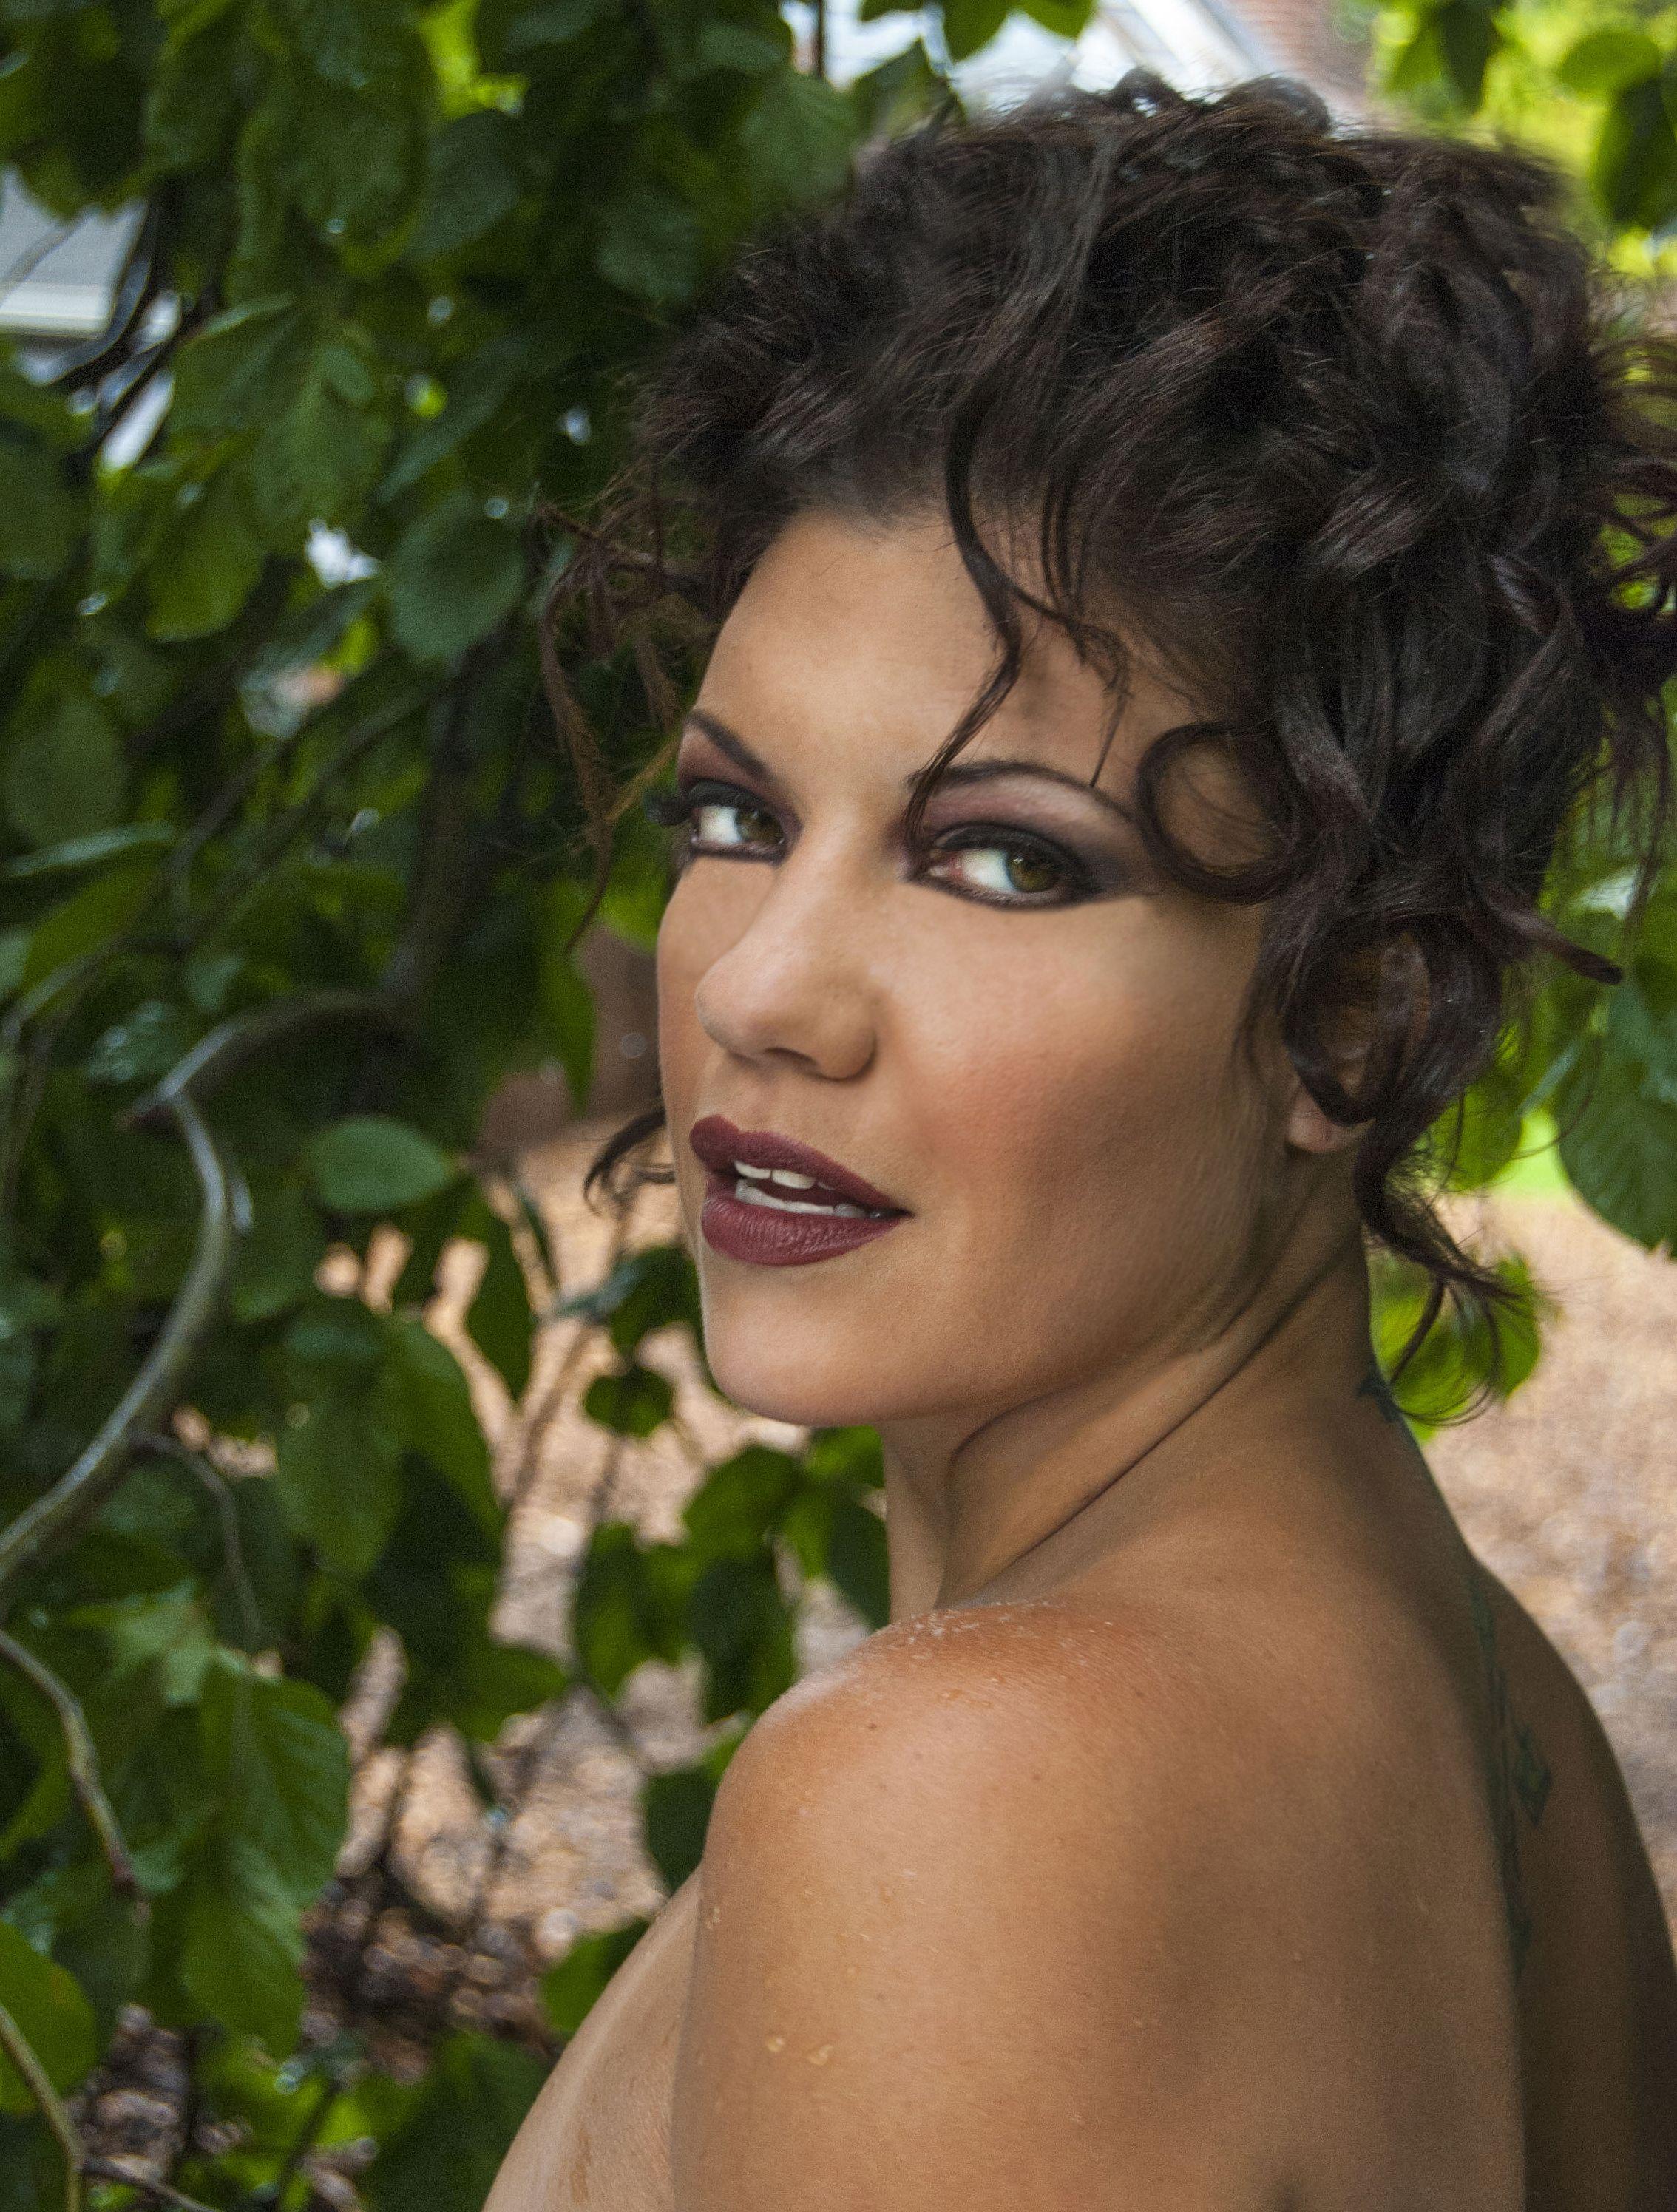 Zoe Daelman Chlanda Nude Photos 3